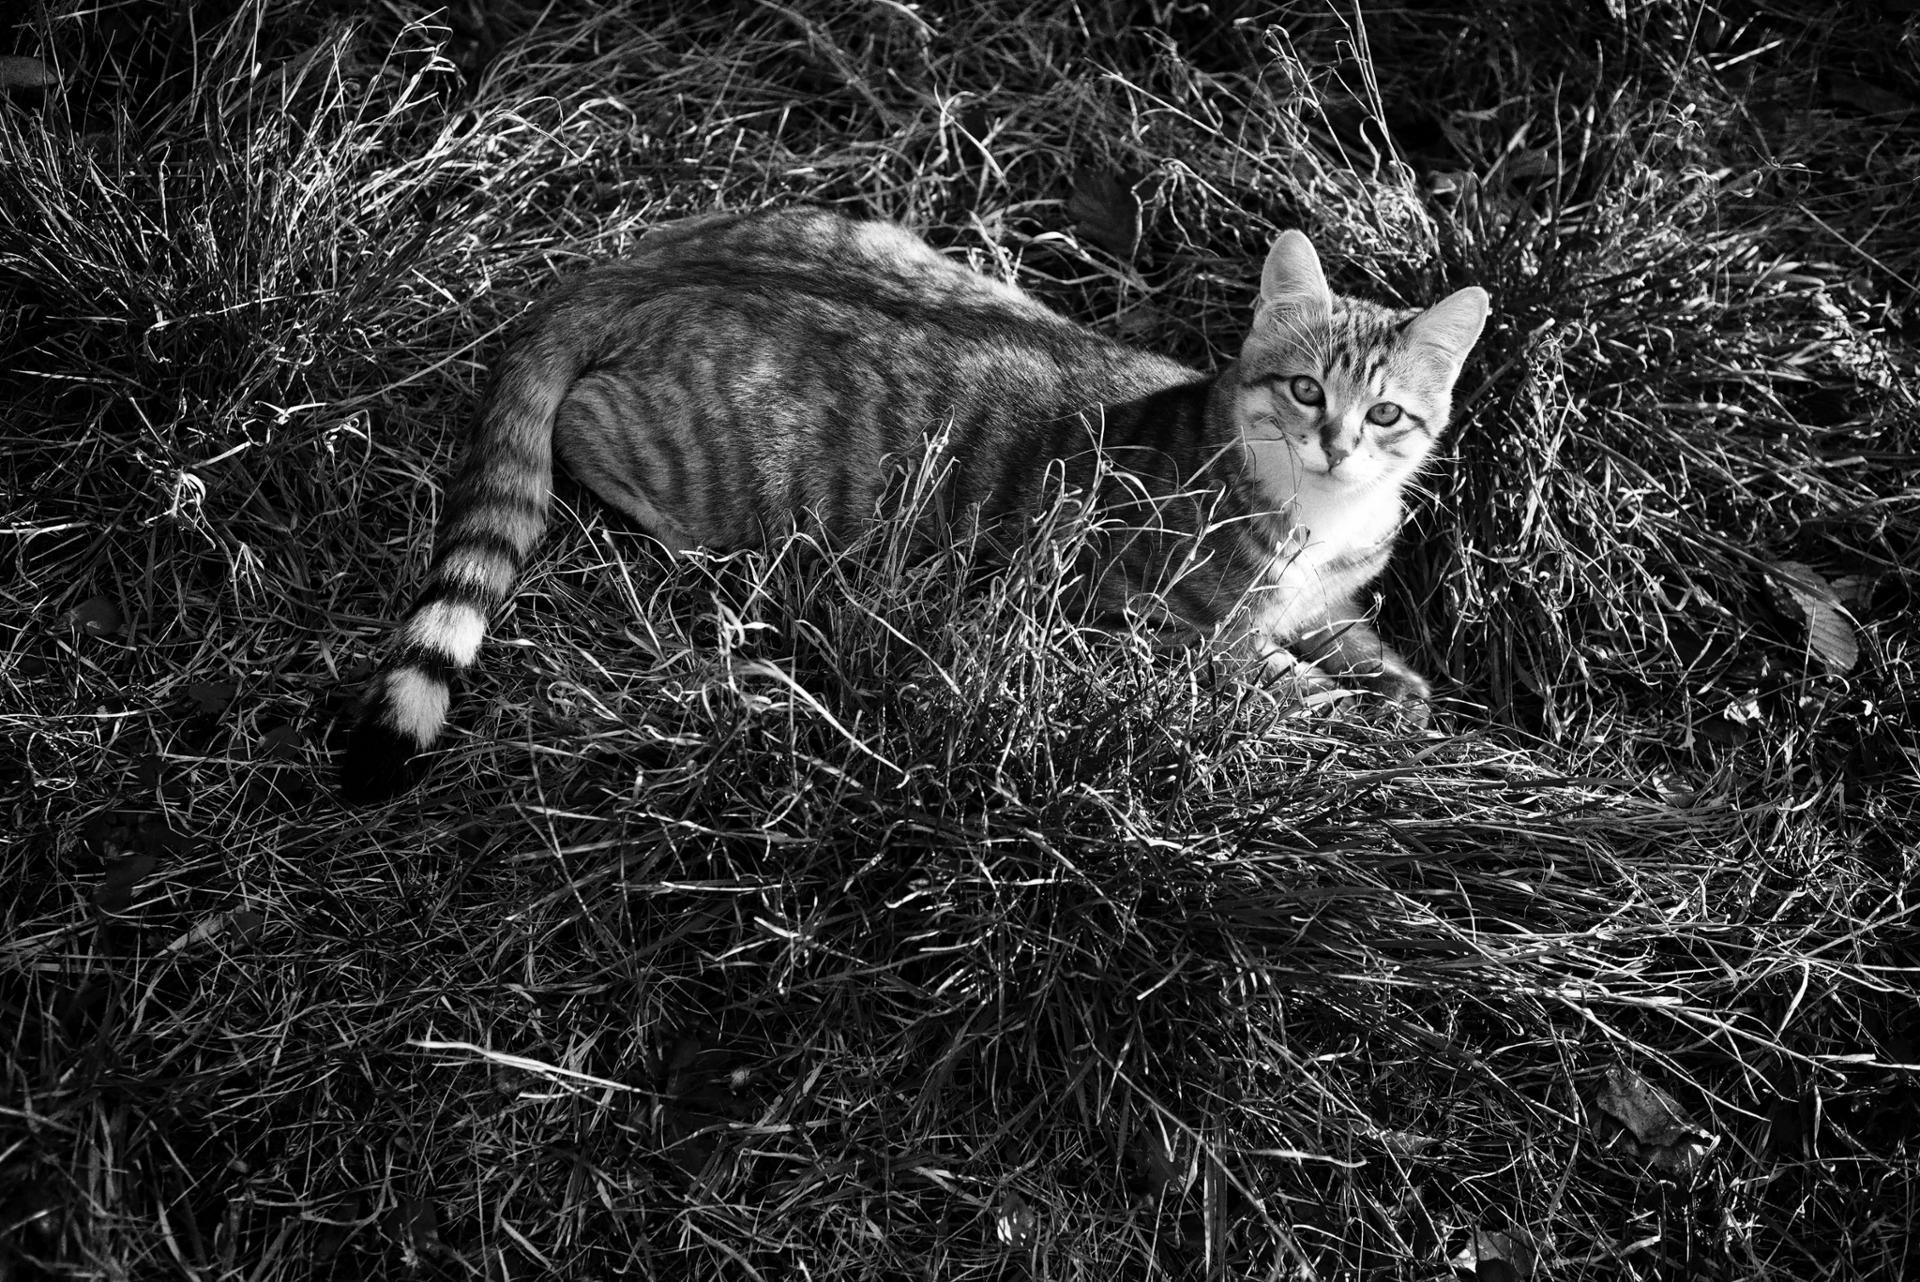 cat 35